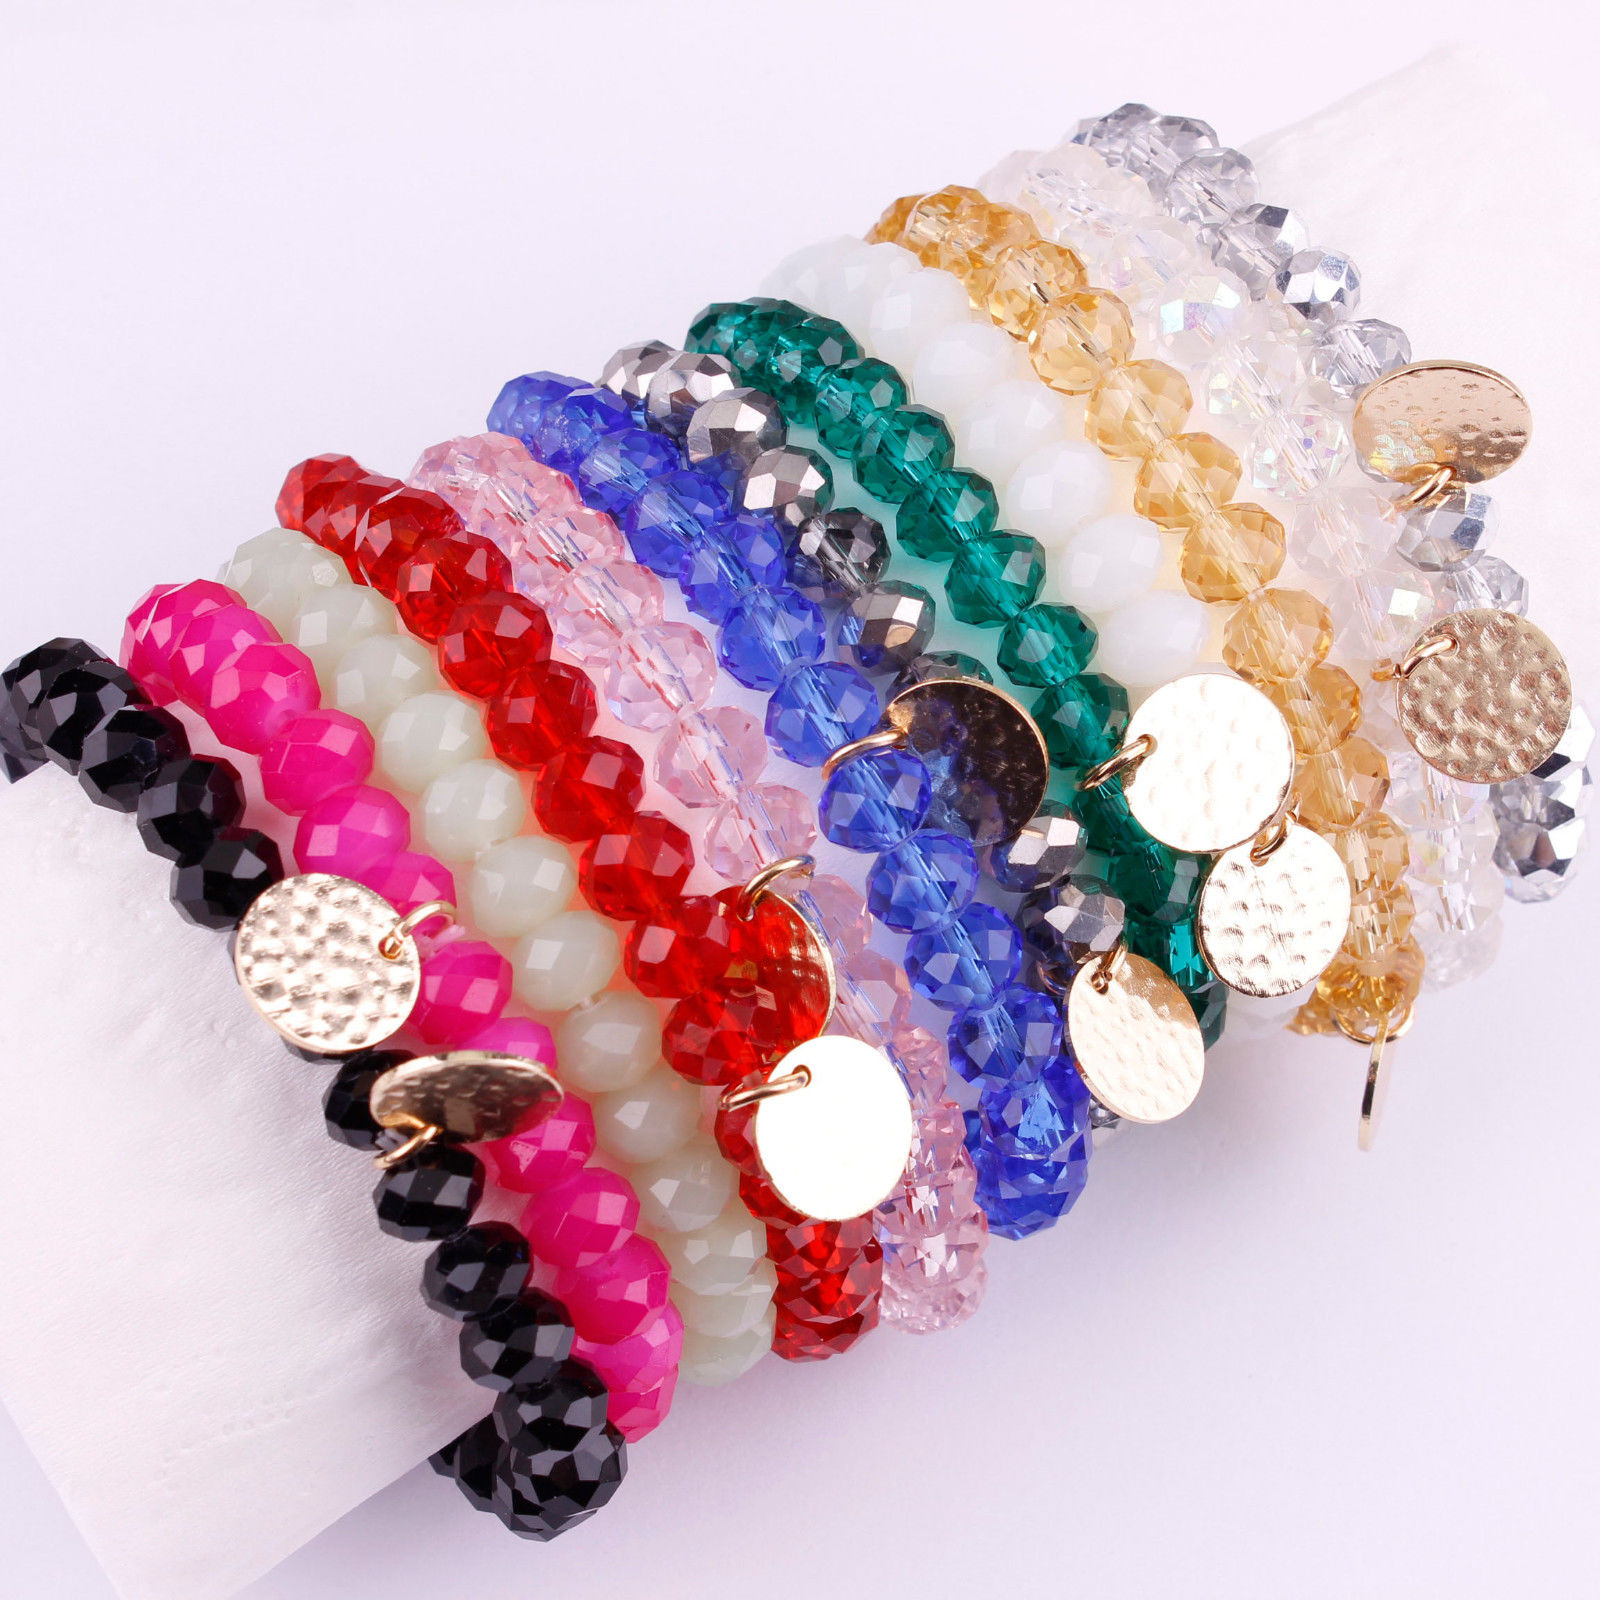 Jewelry & Beauty